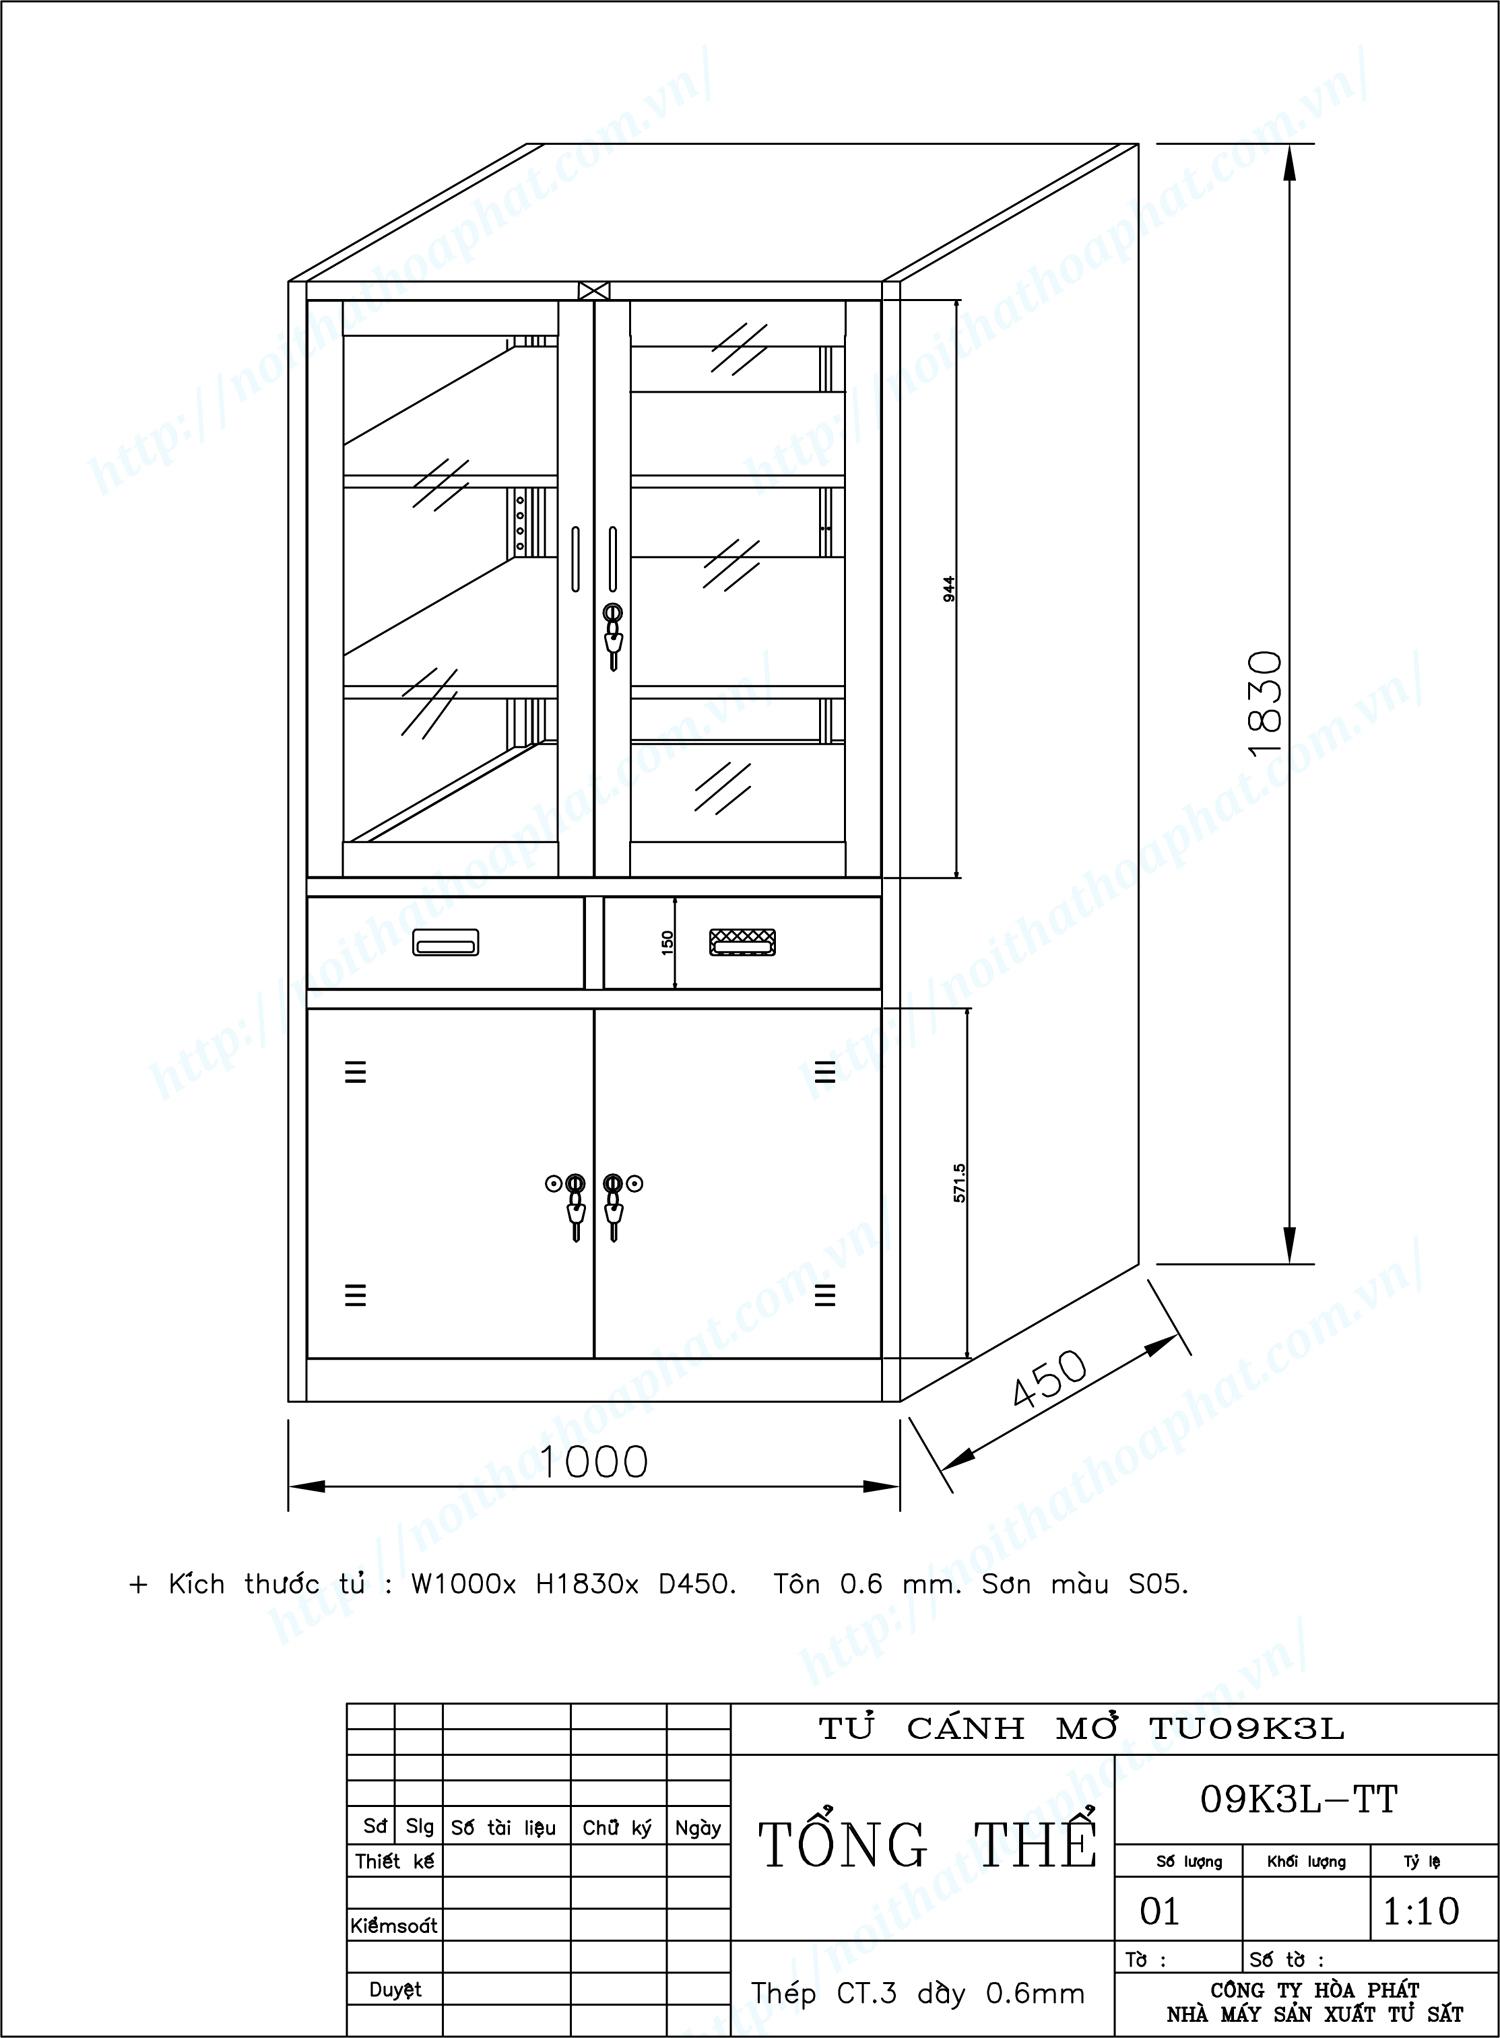 Bản vẽ kỹ thuật thiết kế tủ hồ sơ sắt 3 khoang TU09K3L